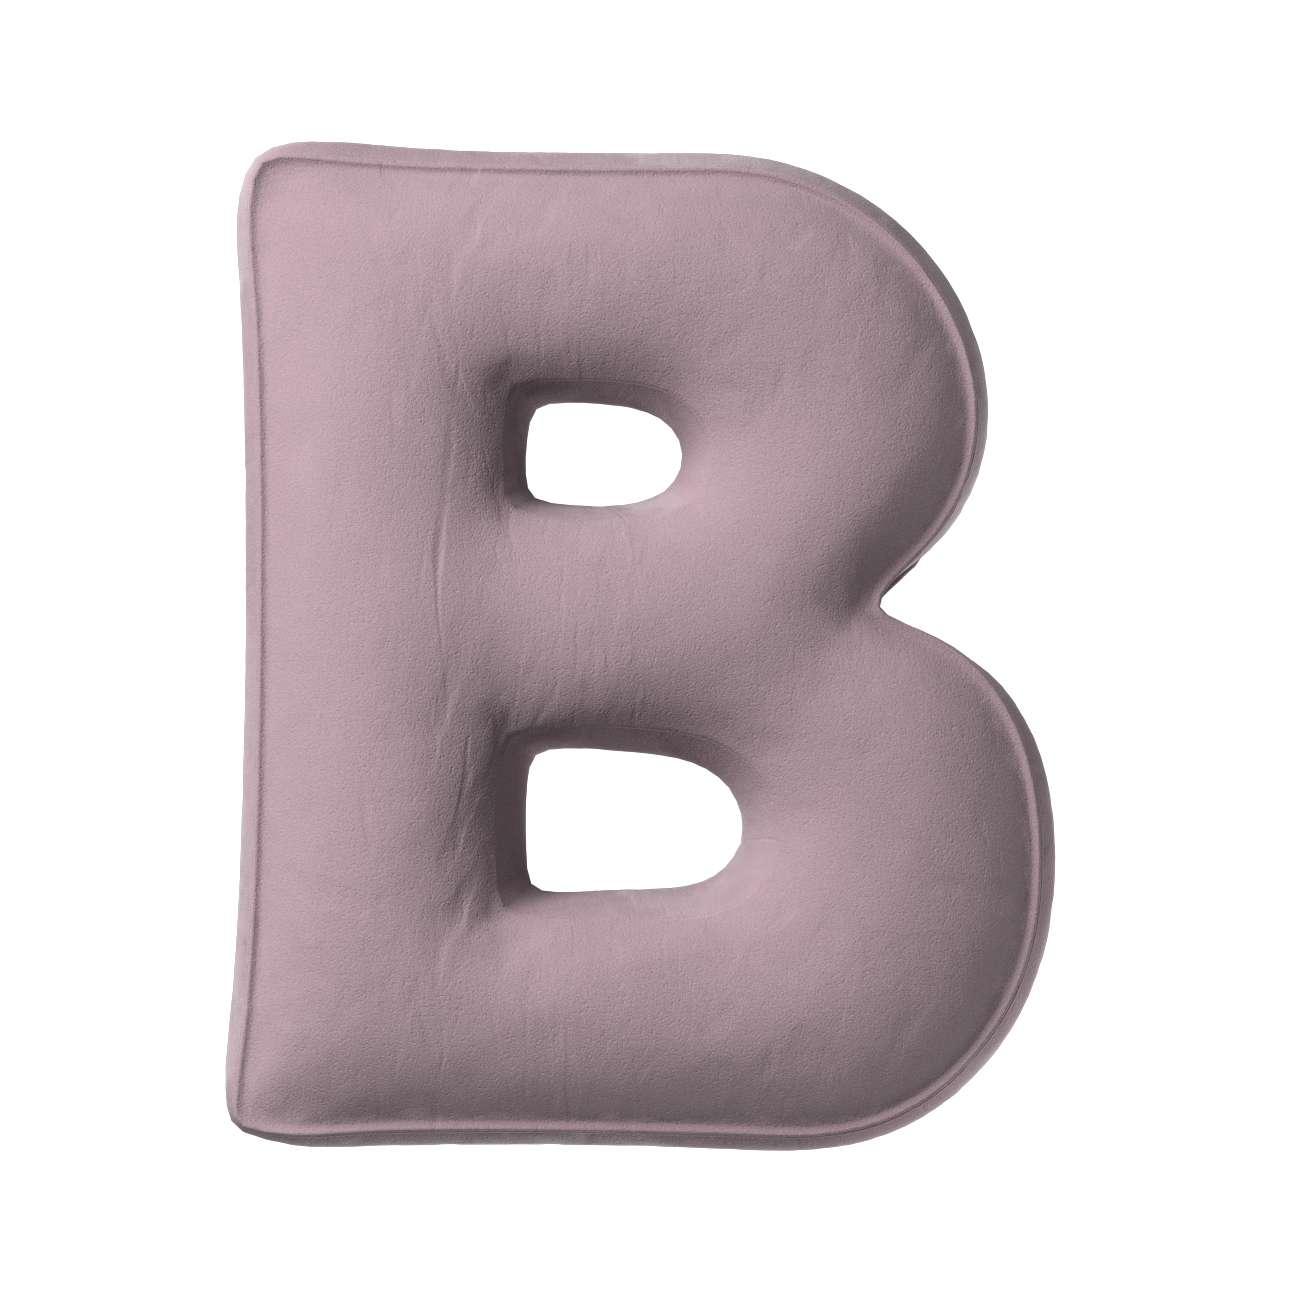 Buchstabenkissen B von der Kollektion Posh Velvet, Stoff: 704-14